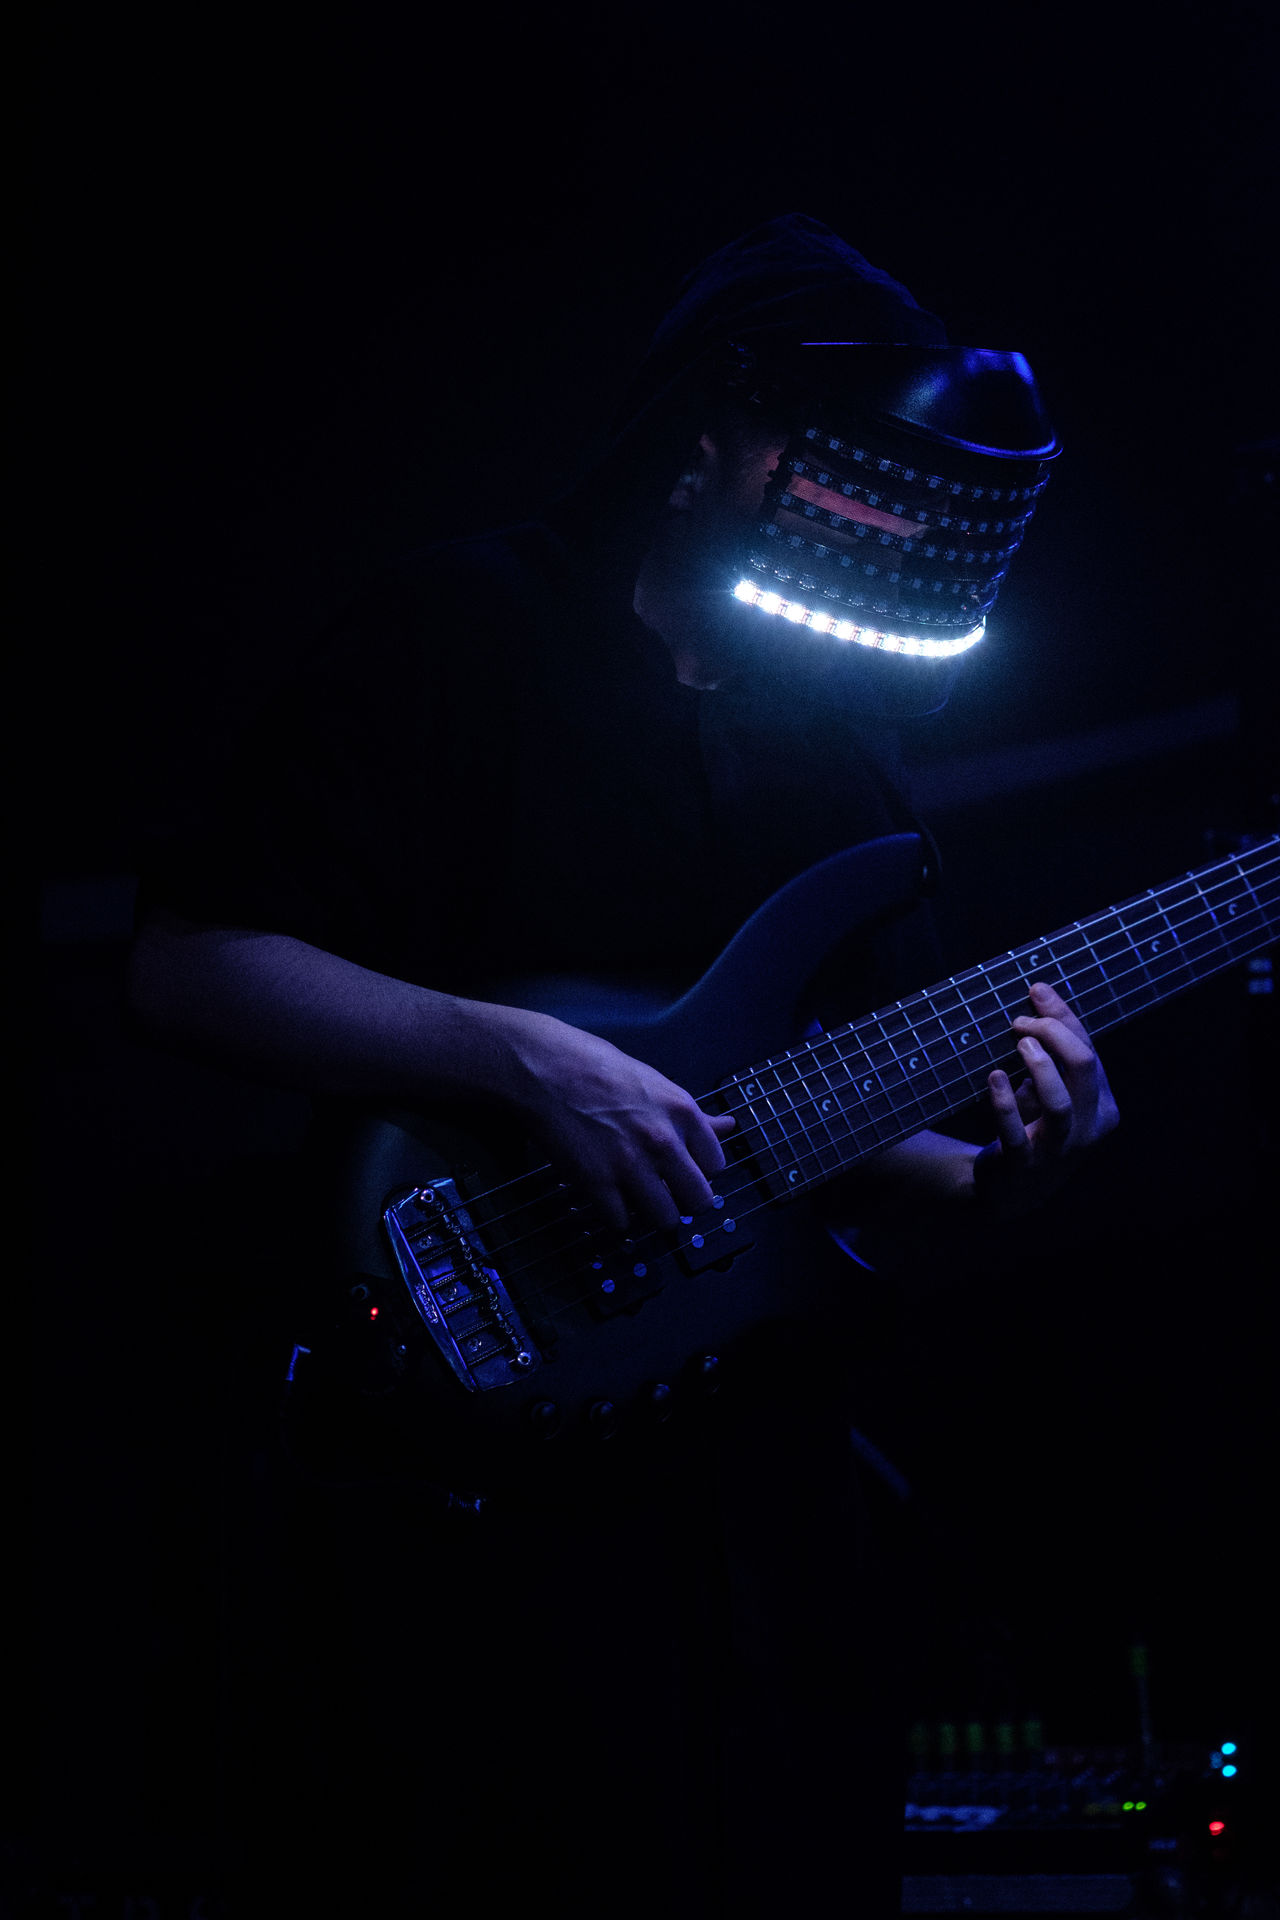 Berlin Lido Lido Berlin Live Music Neon Squarepusher Xjazz Xpro2